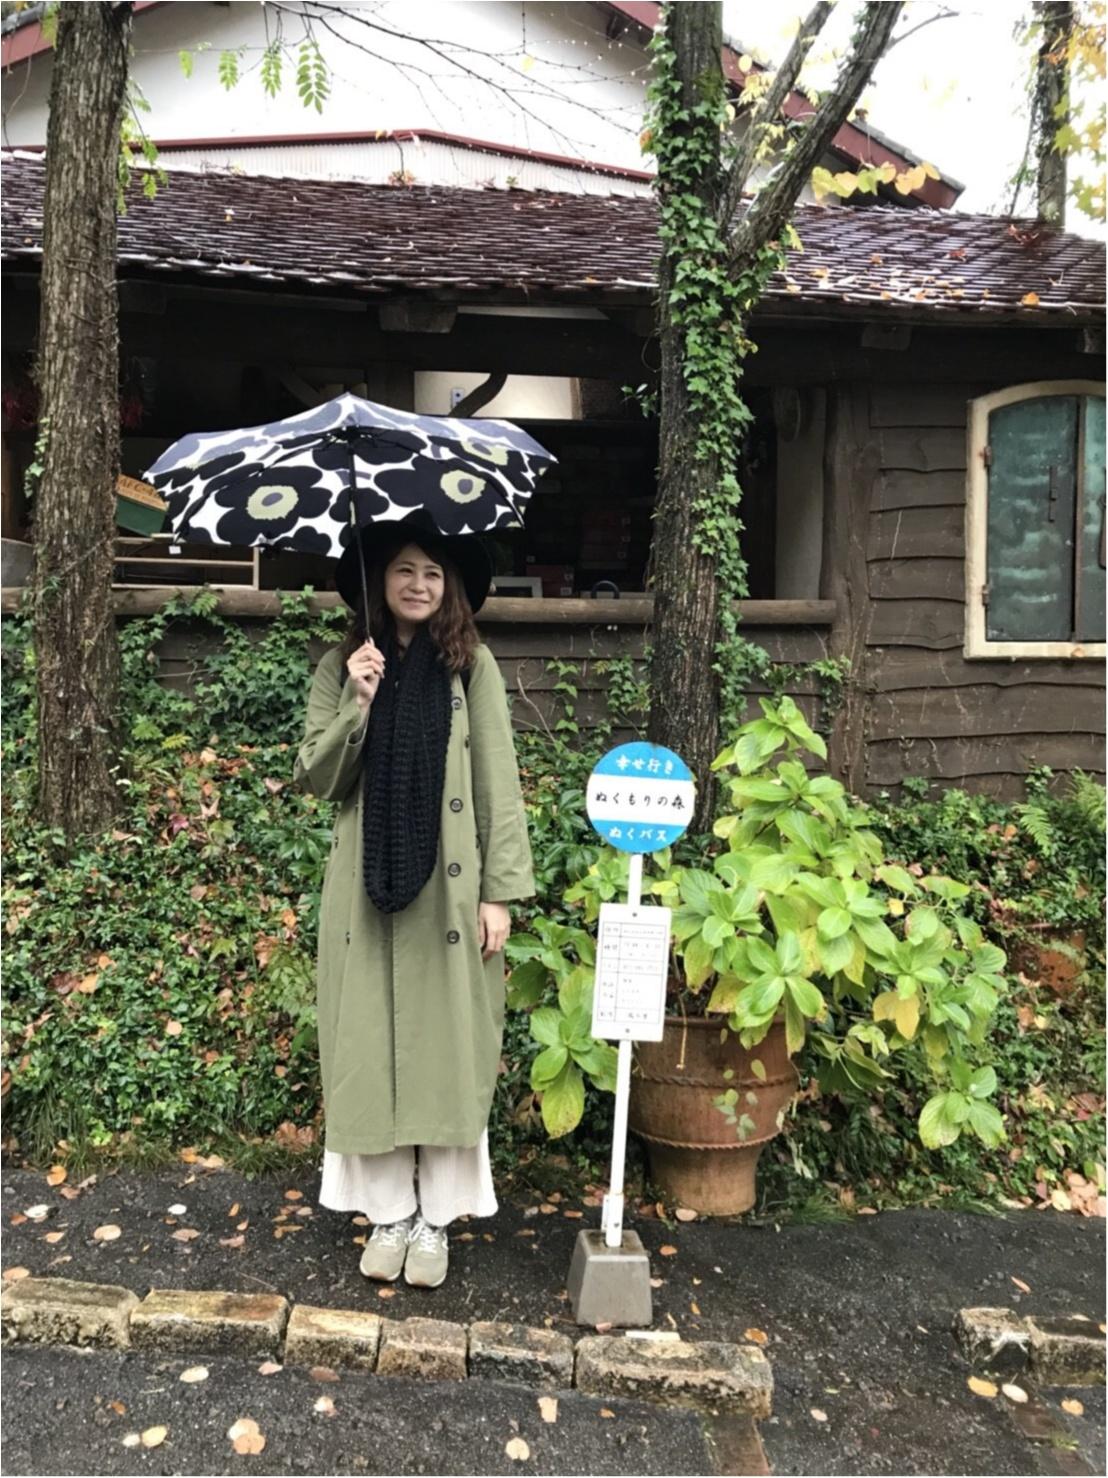 【カフェ巡り】まるでジブリの世界♡フォトジェニックな可愛いスポット『ぬくもりの森』 ~浜松おしゃれカフェ巡り①~_9